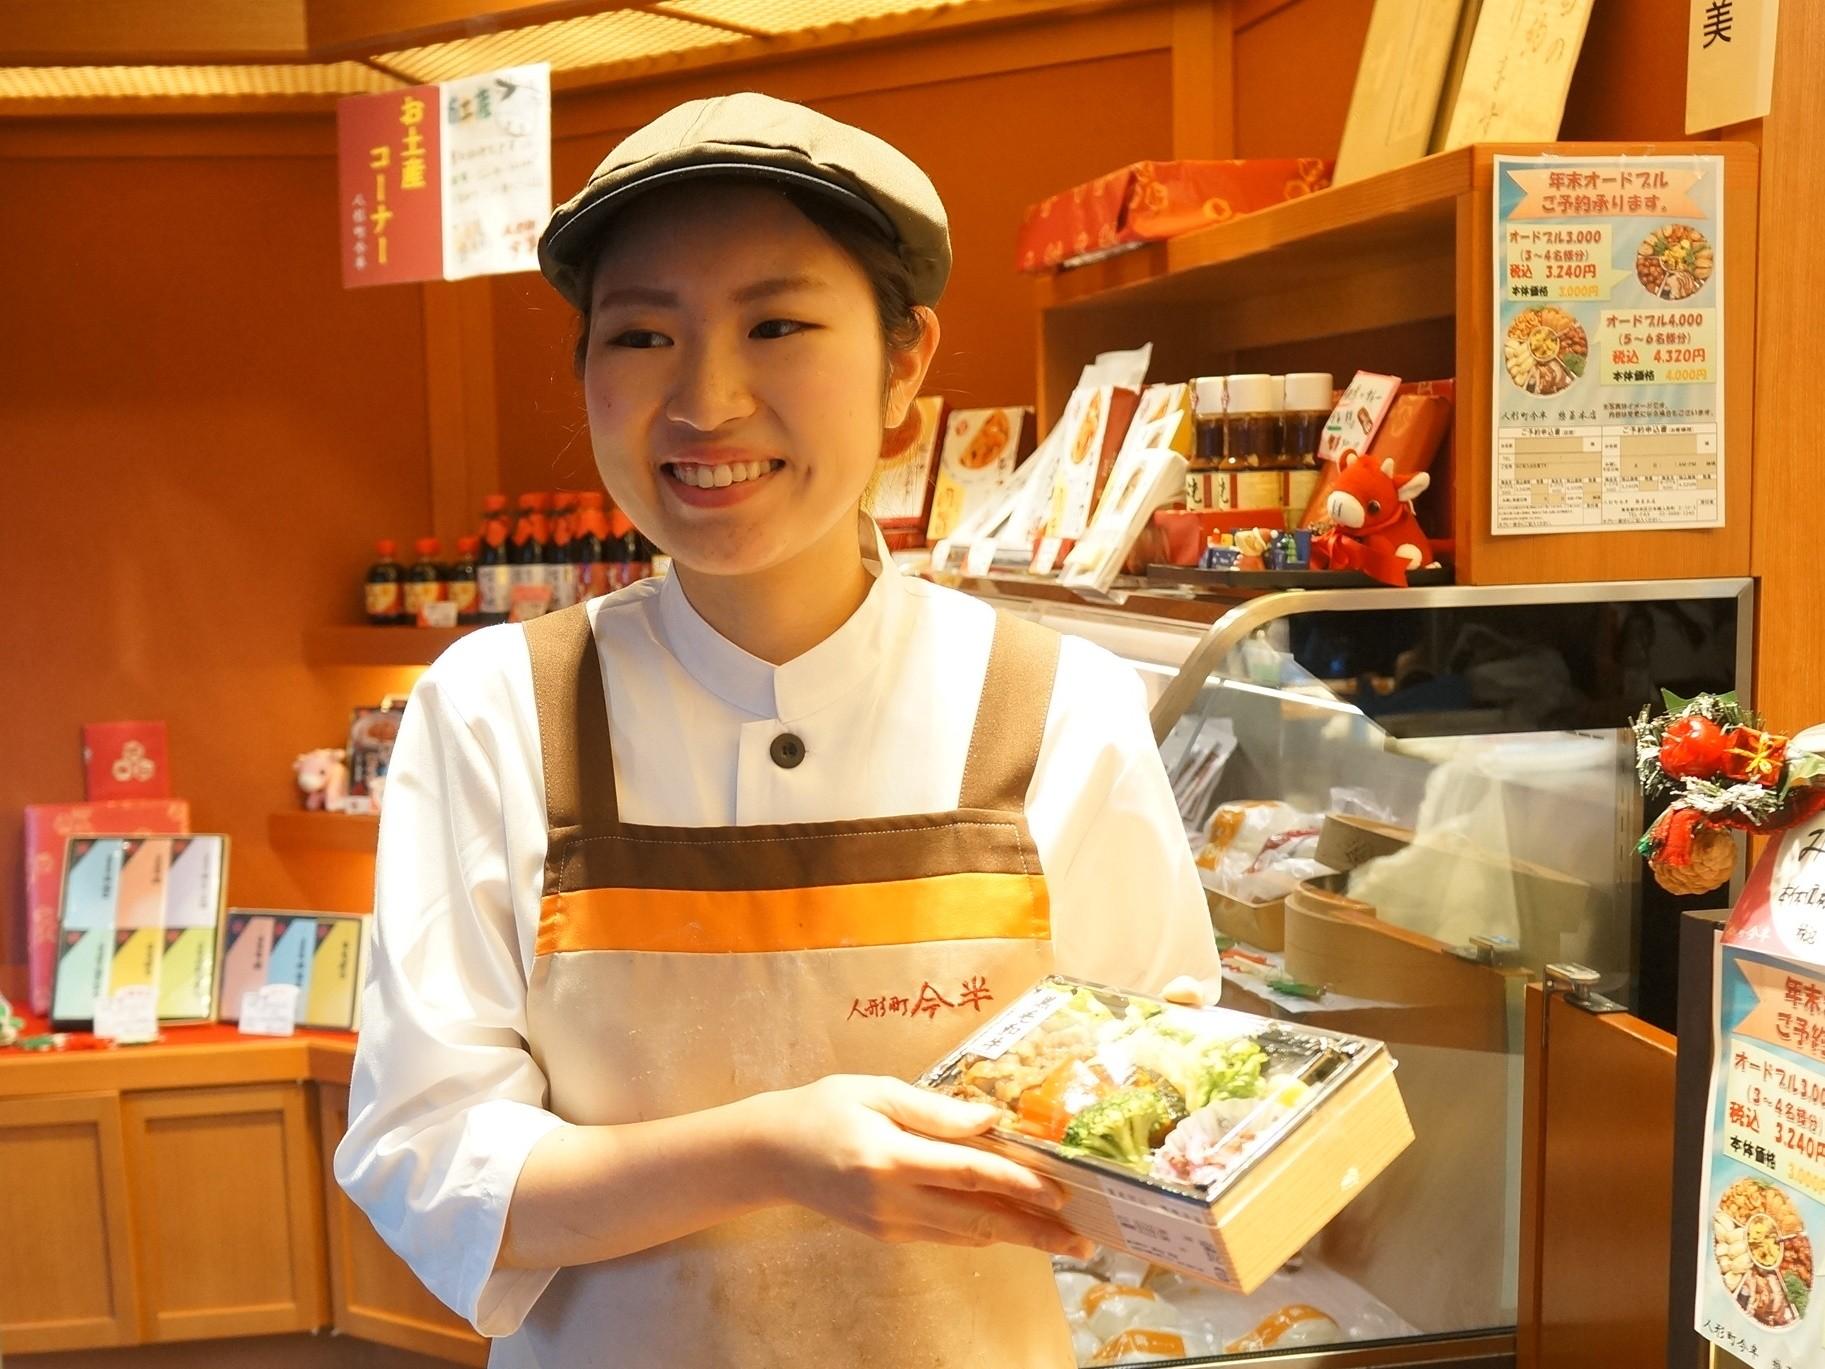 人形町今半 新宿高島屋店(精肉店) のアルバイト情報